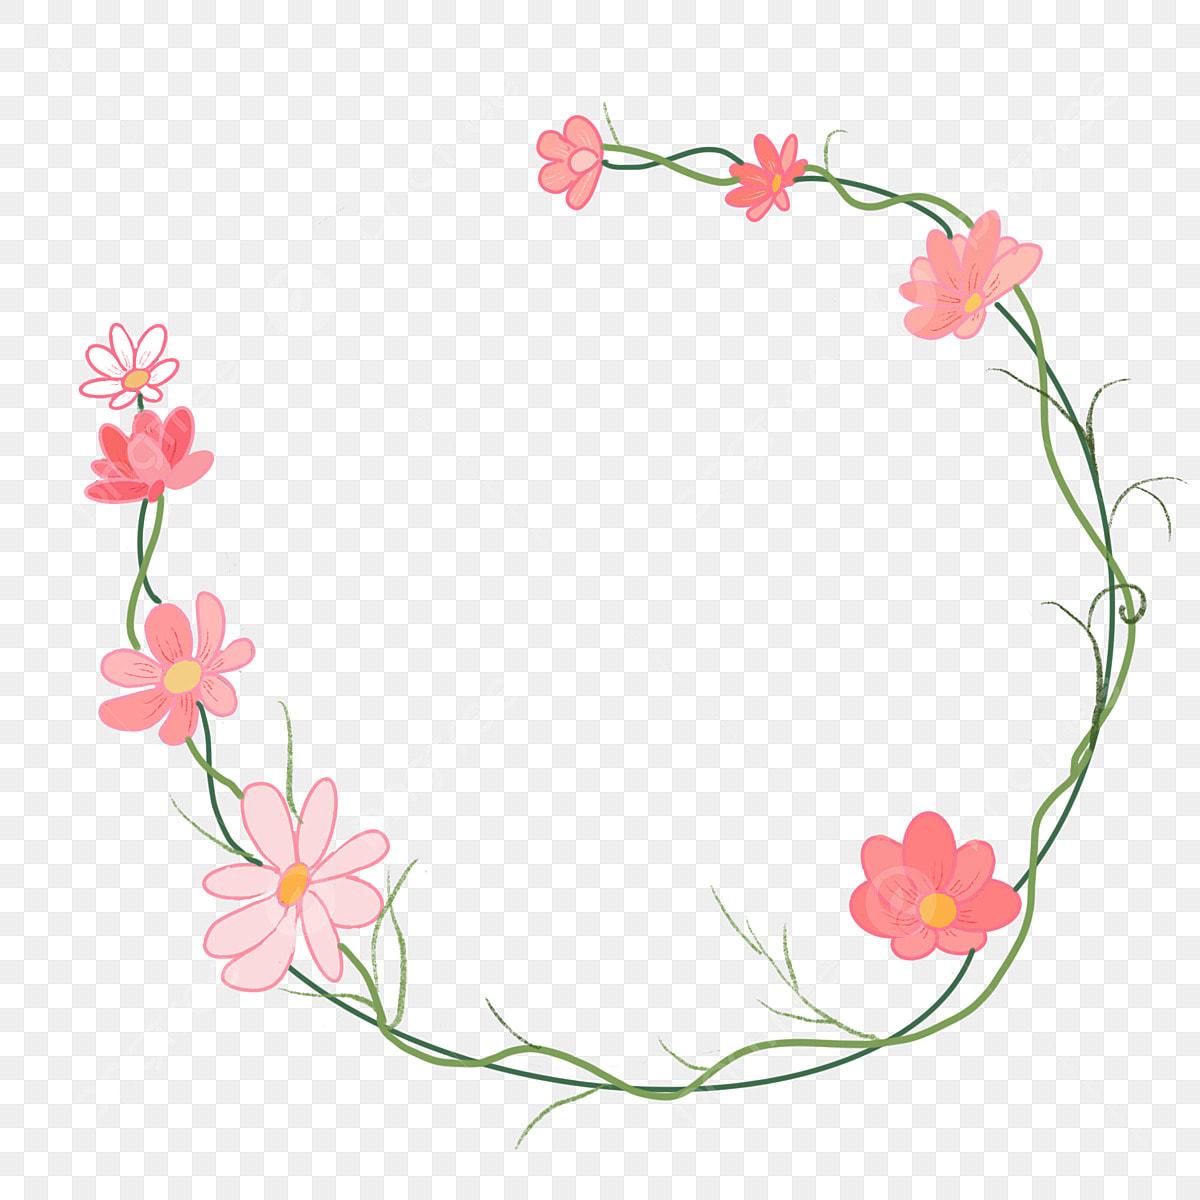 Pink Flowers Flowers Vines Border, Pink Flowers, Cartoon